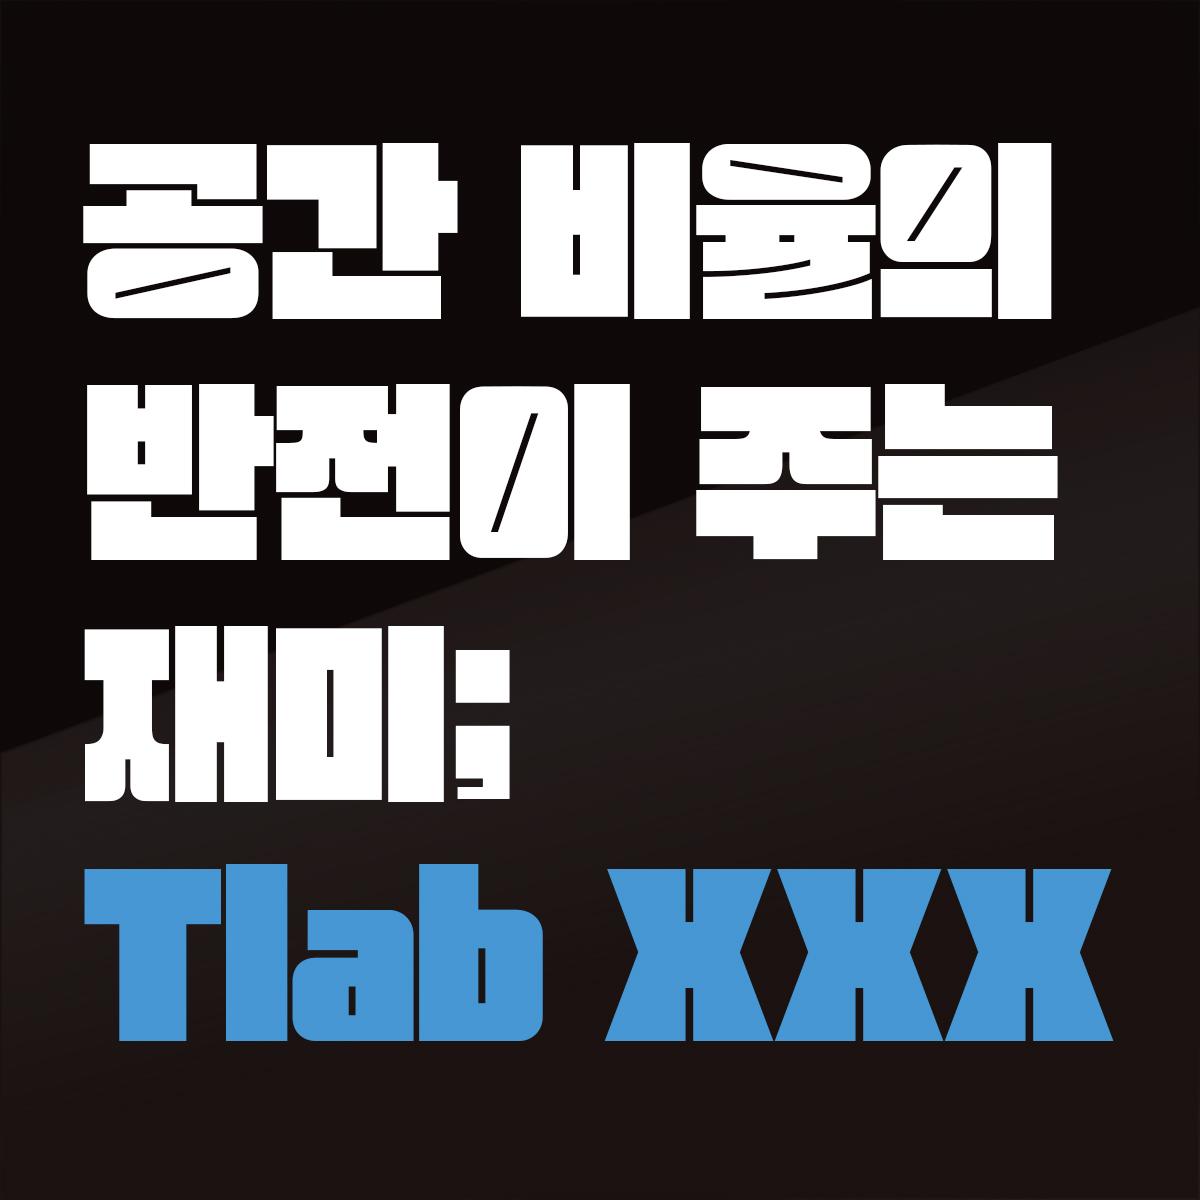 Tlab트리플엑스